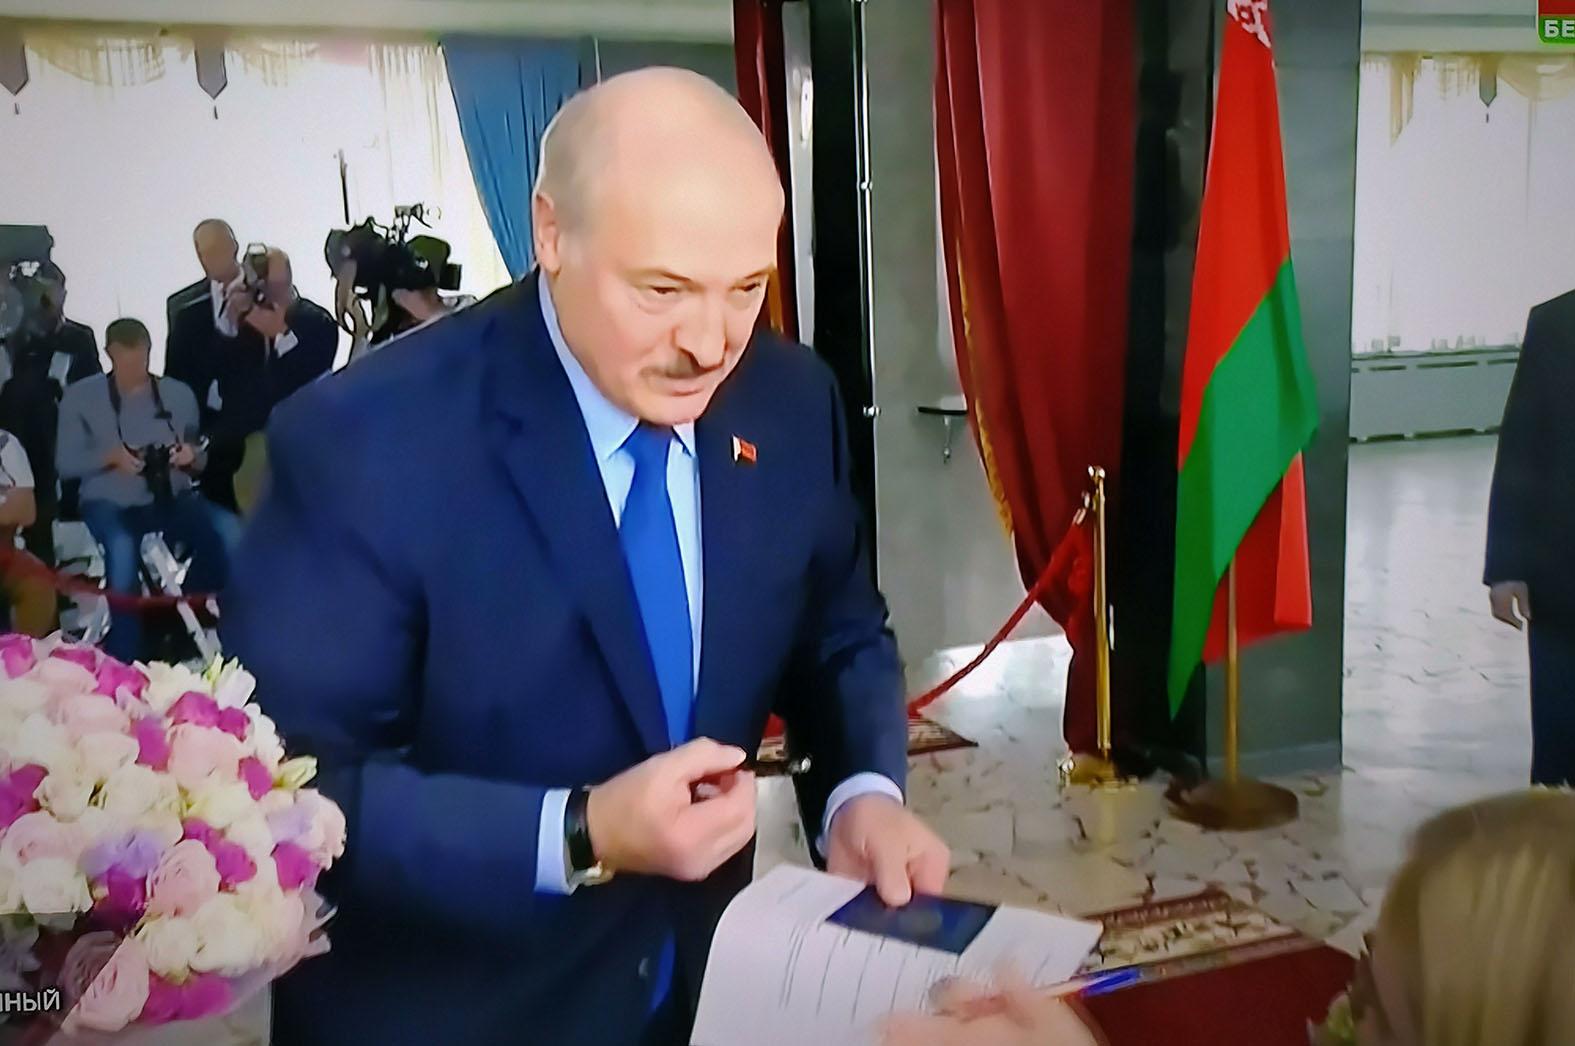 Белорусский майдан готовил союзное государство… с Польшей геополитика